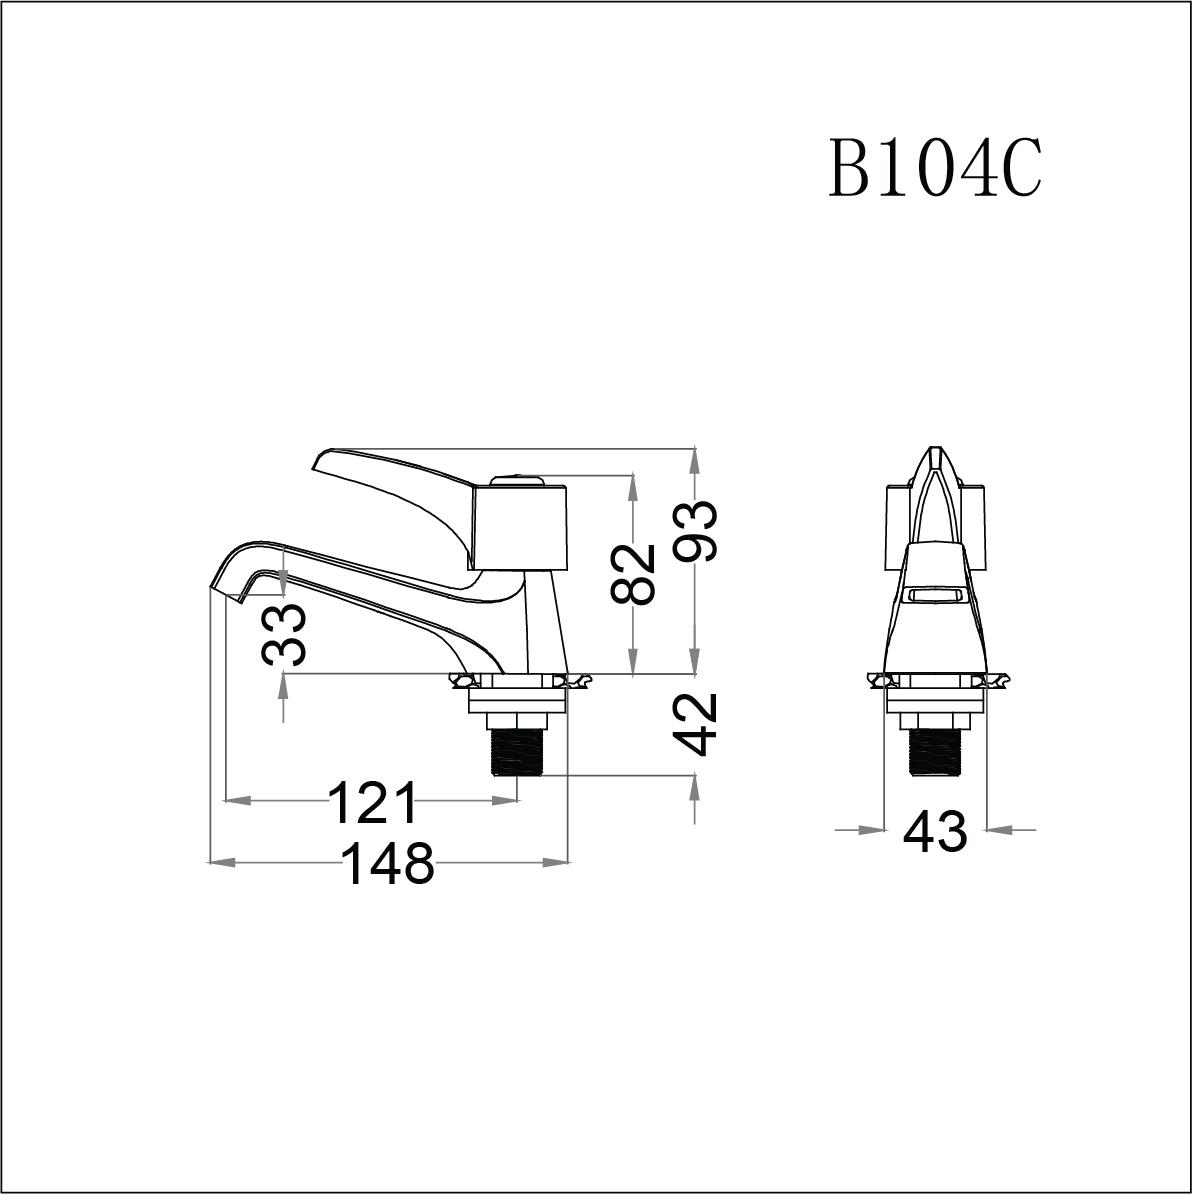 Vòi lavabo lạnh tay gạt Caesar B104C (chưa bao gồm bộ xả và dây cấp nước)